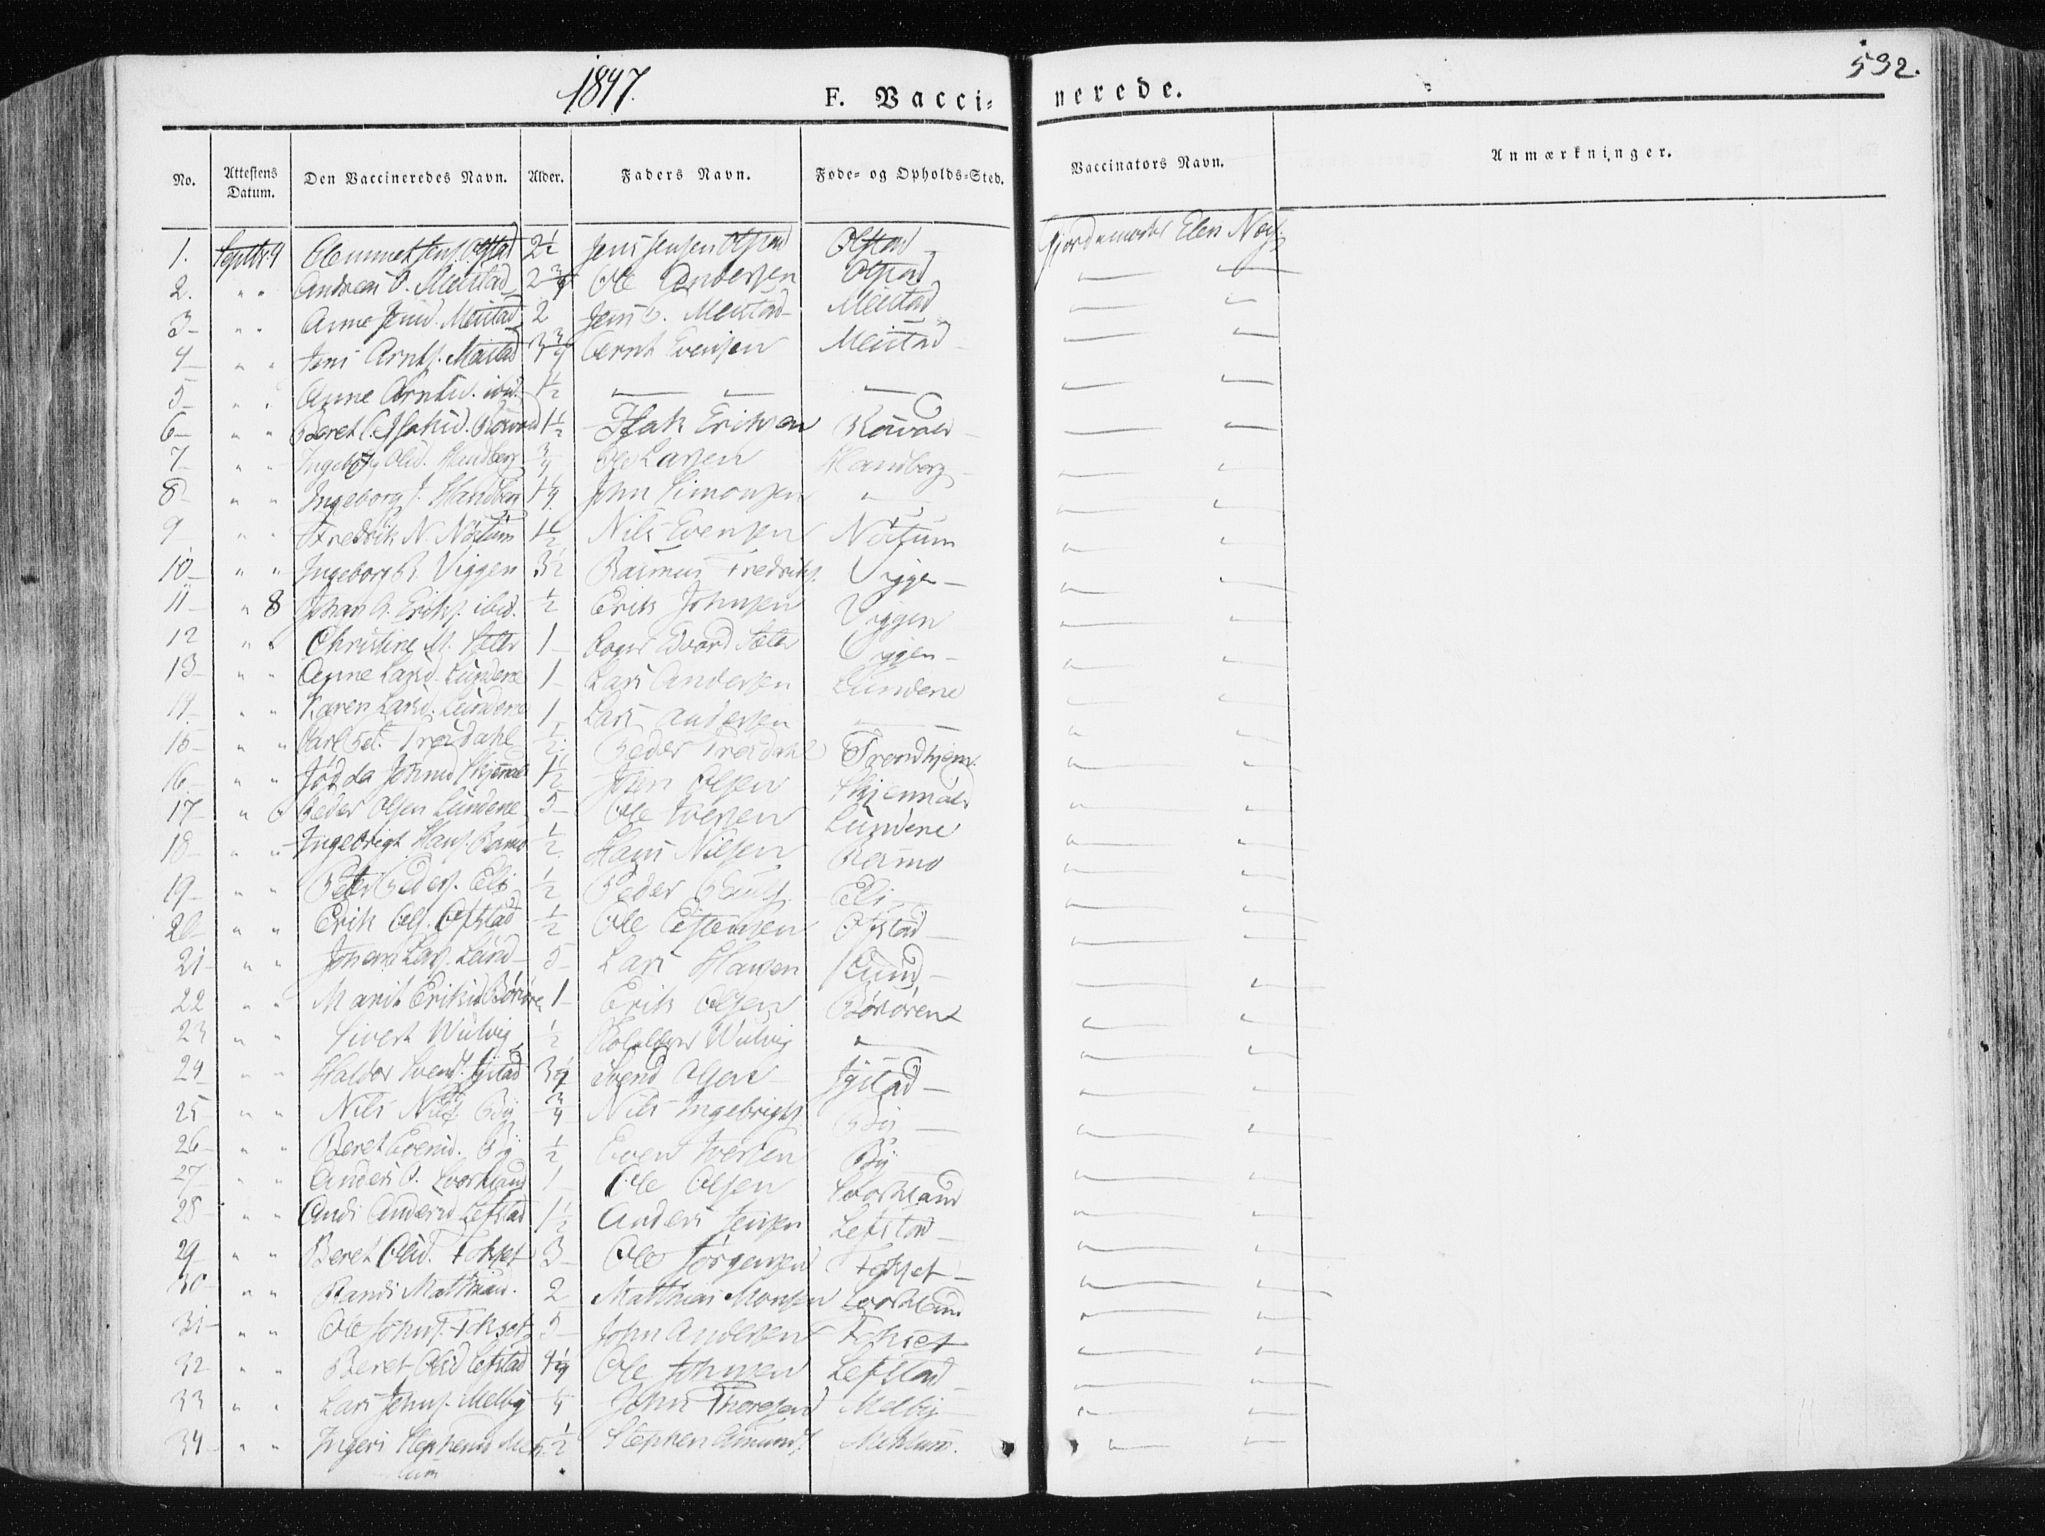 SAT, Ministerialprotokoller, klokkerbøker og fødselsregistre - Sør-Trøndelag, 665/L0771: Ministerialbok nr. 665A06, 1830-1856, s. 532